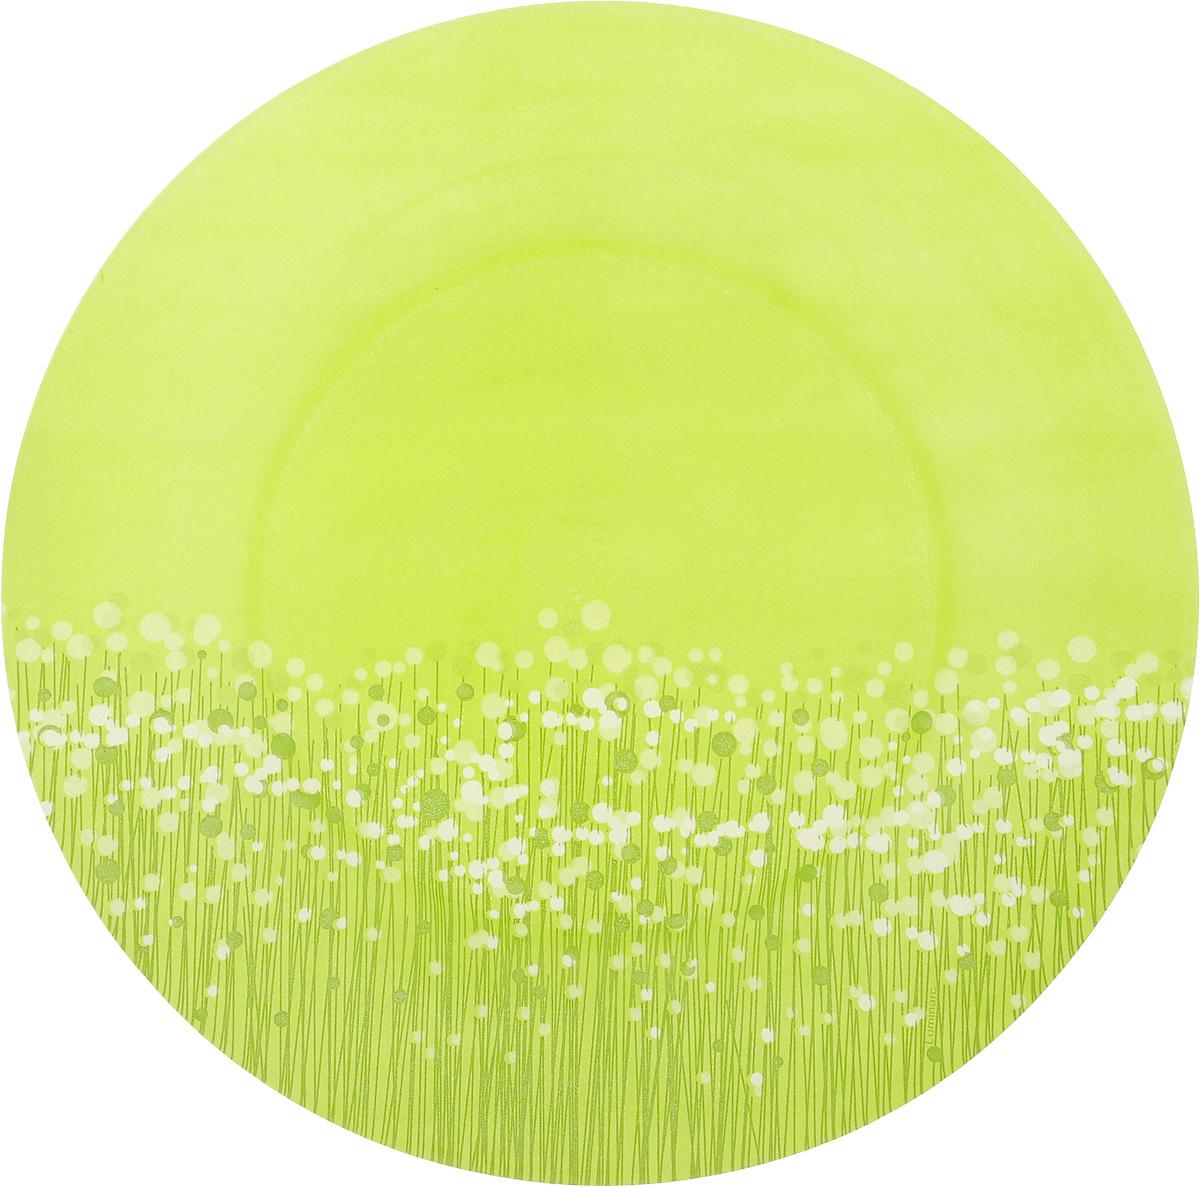 Тарелка обеденная Luminarc FlowerFields Anis, цвет: светло-зеленый, диаметр 25 см54 009312Обеденная тарелка Luminarc FlowerFields Anis, изготовленная из ударопрочного стекла, имеет изысканный внешний вид. Она идеально подойдет для сервировки вторых блюд из птицы, рыбы, мяса или овощей.Обеденная тарелка Luminarc FlowerFields Anis станет отличным подарком к любому празднику.Диаметр тарелки (по верхнему краю): 25 см.Высота тарелки: 2,5 см.